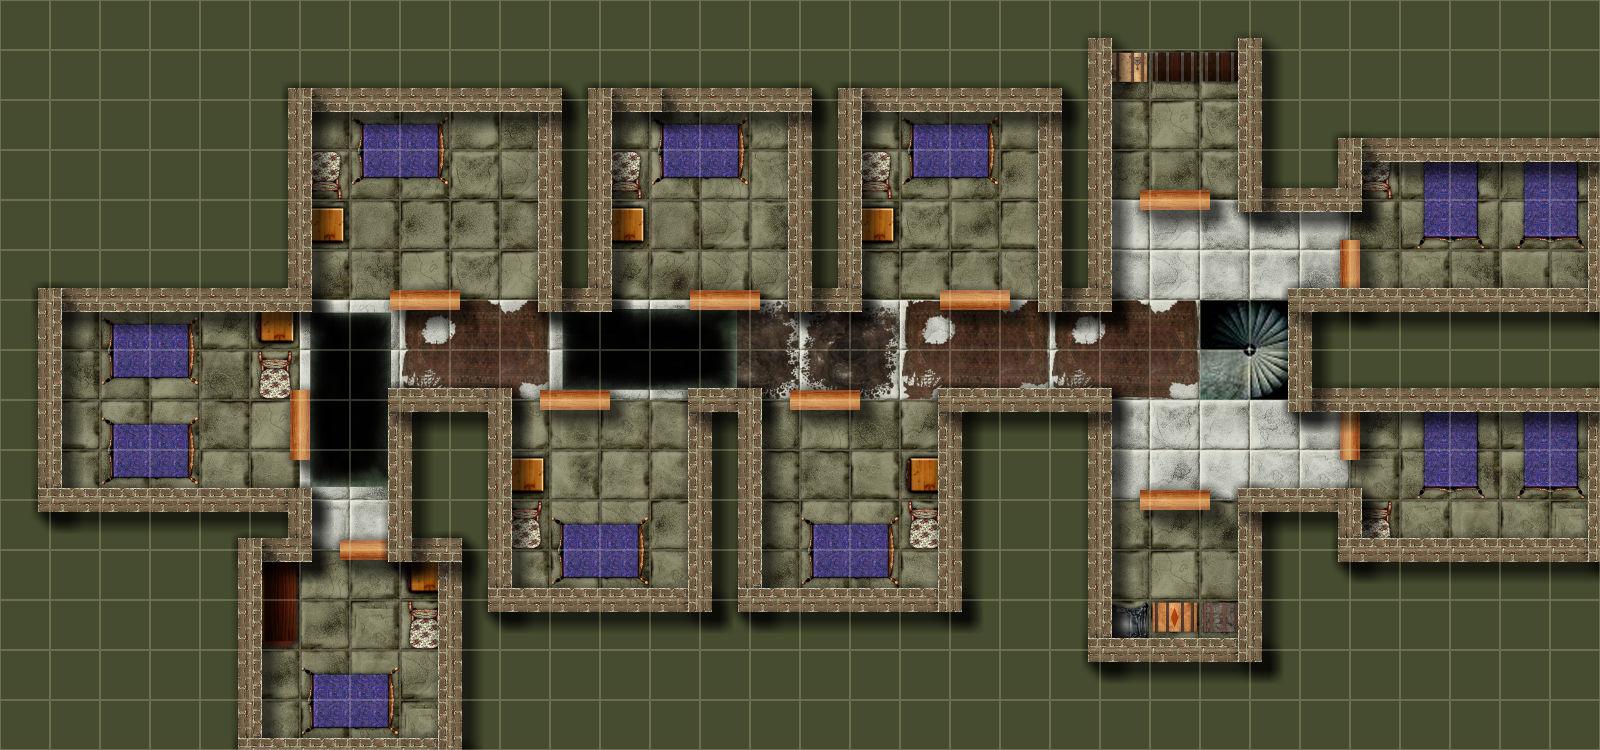 Wwwdungeonpbemnet Image Dungeon